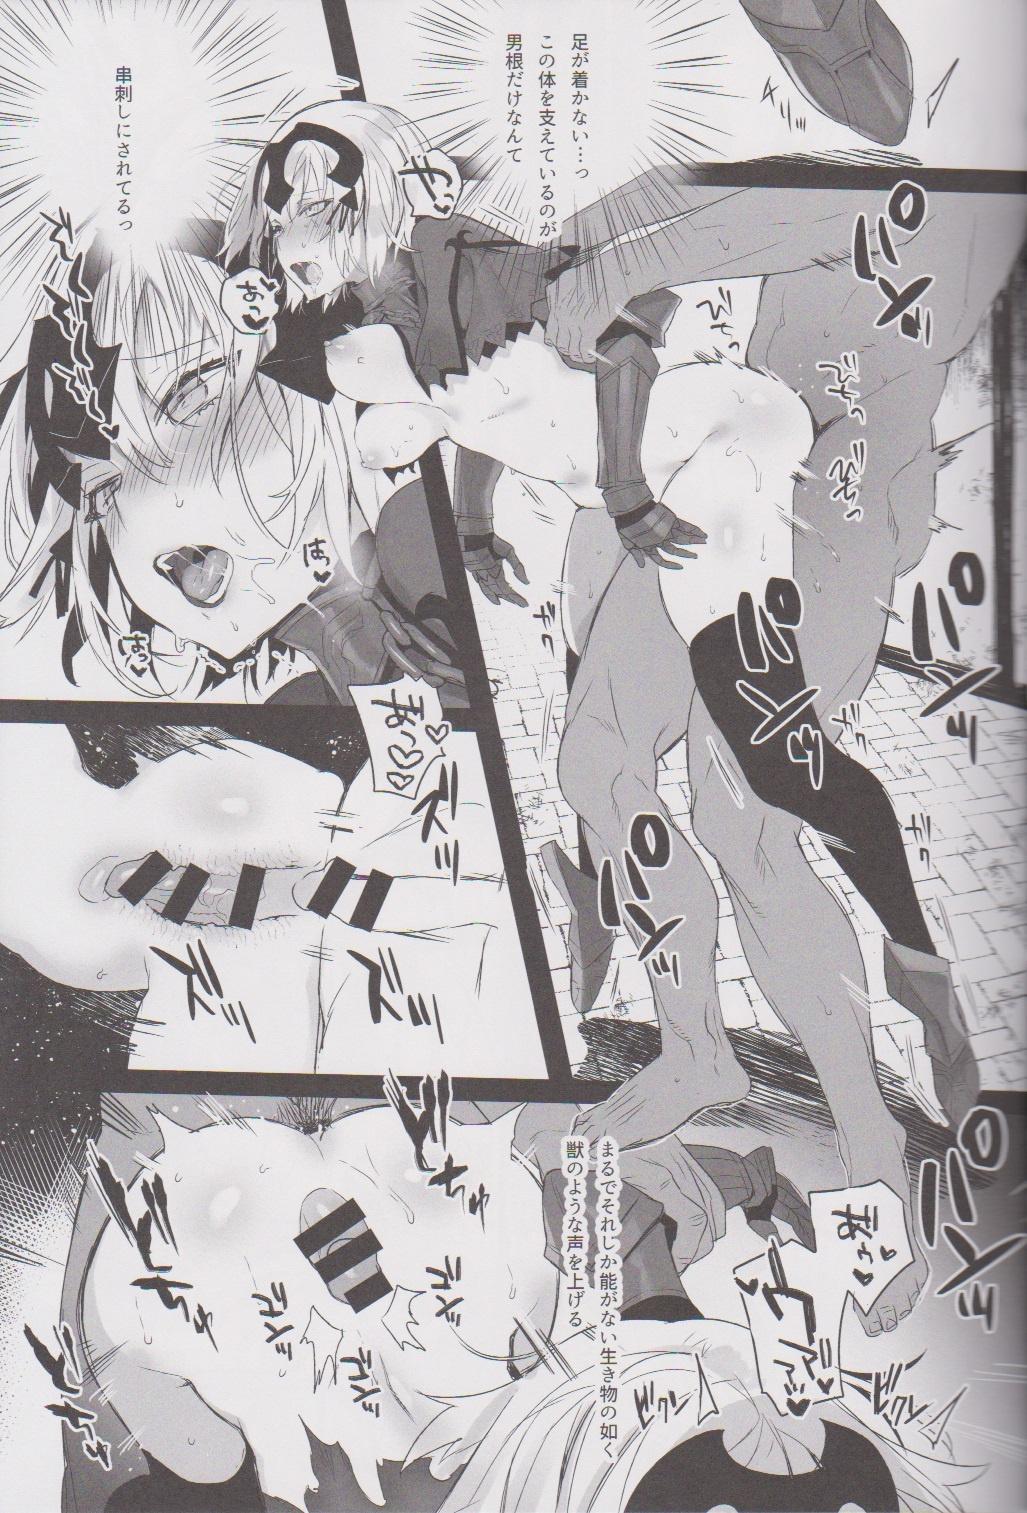 【FGO エロ漫画・エロ同人】巨乳のジャンヌ・オルタが捕らわれて集団レイプされちゃってるwひたすら中出しセックスで陵辱され身体中ザーメンだらけにwww (10)